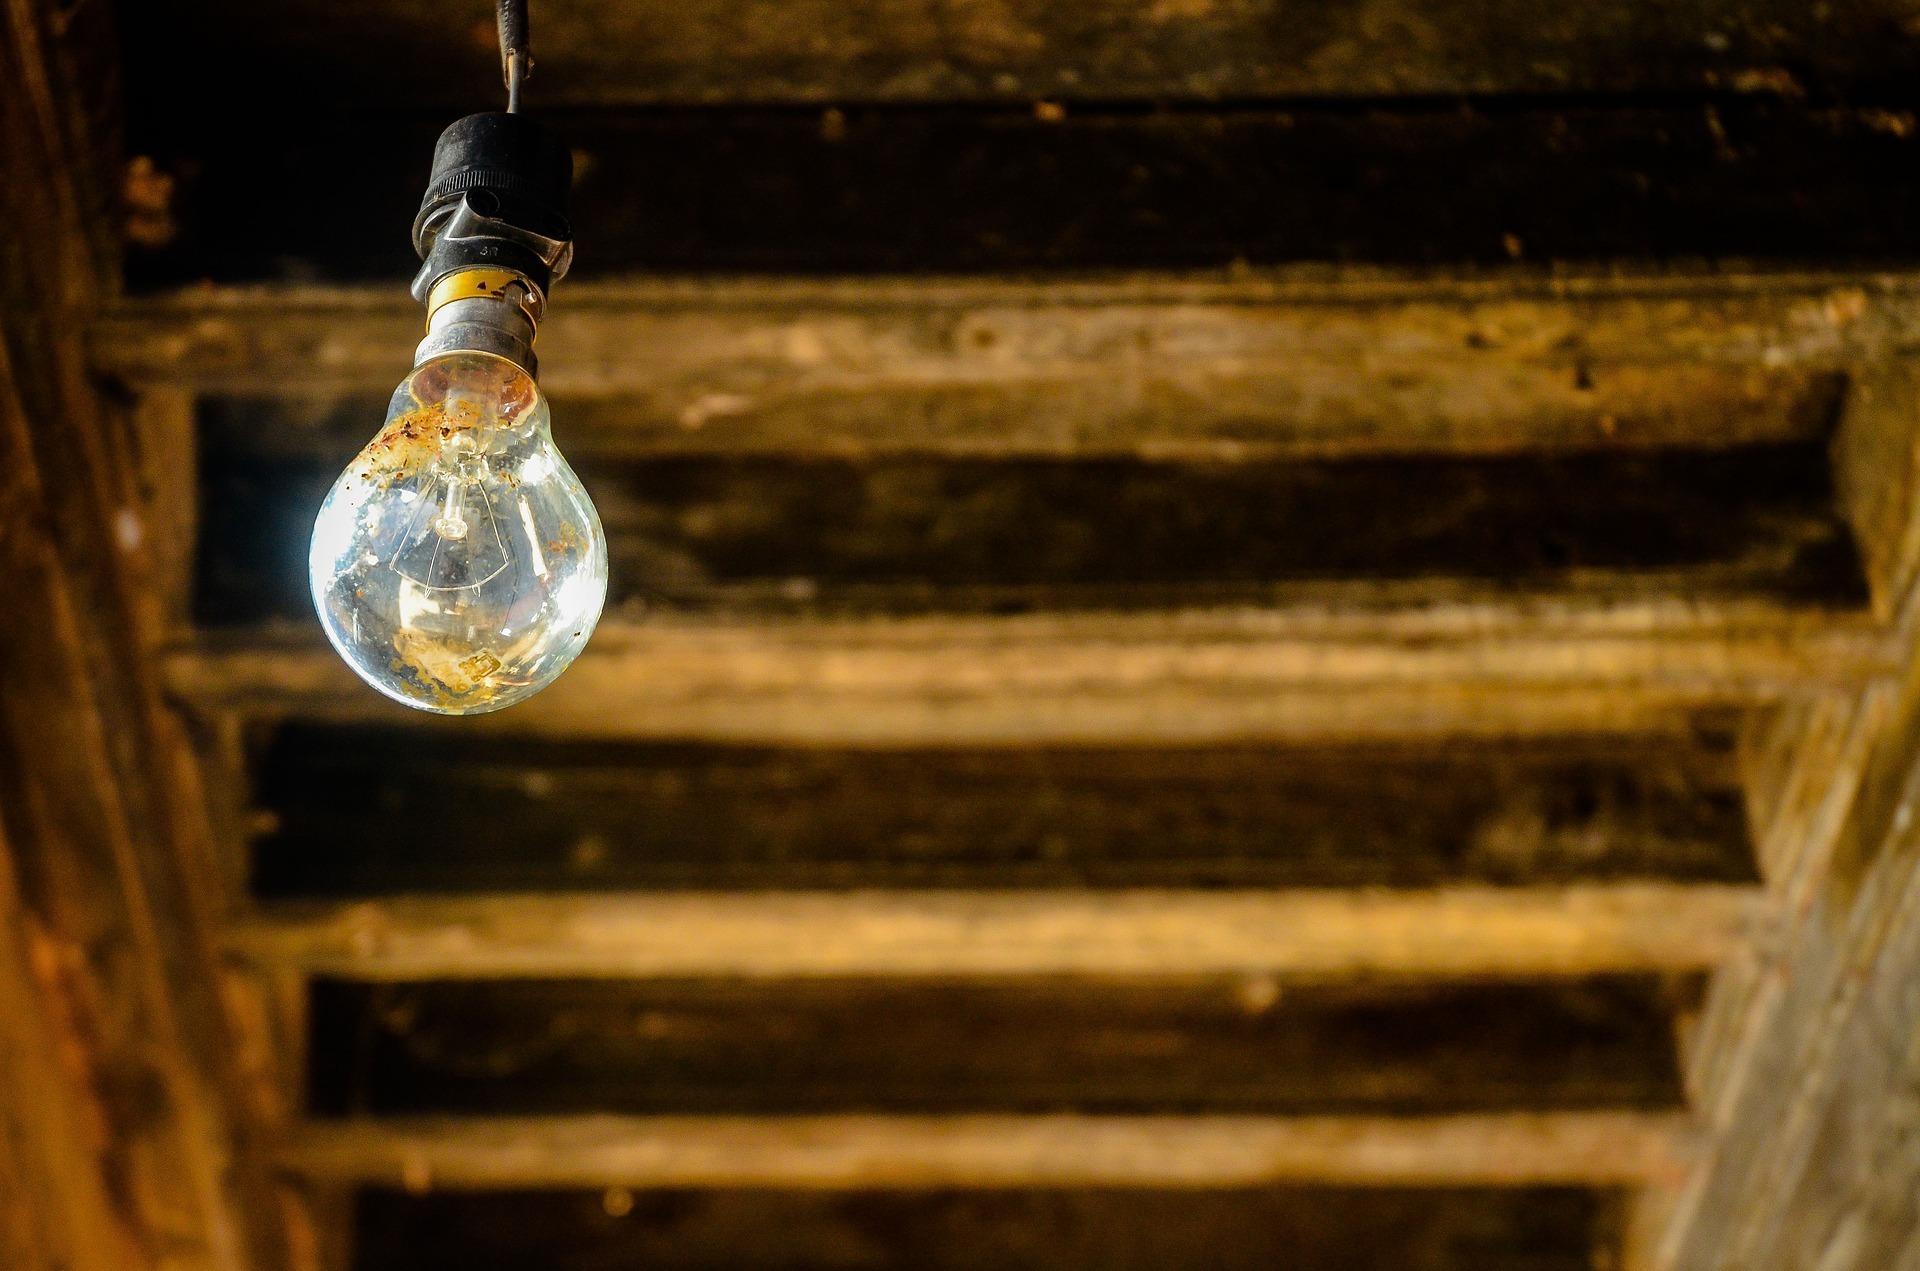 Economiser avec des ampoules LED